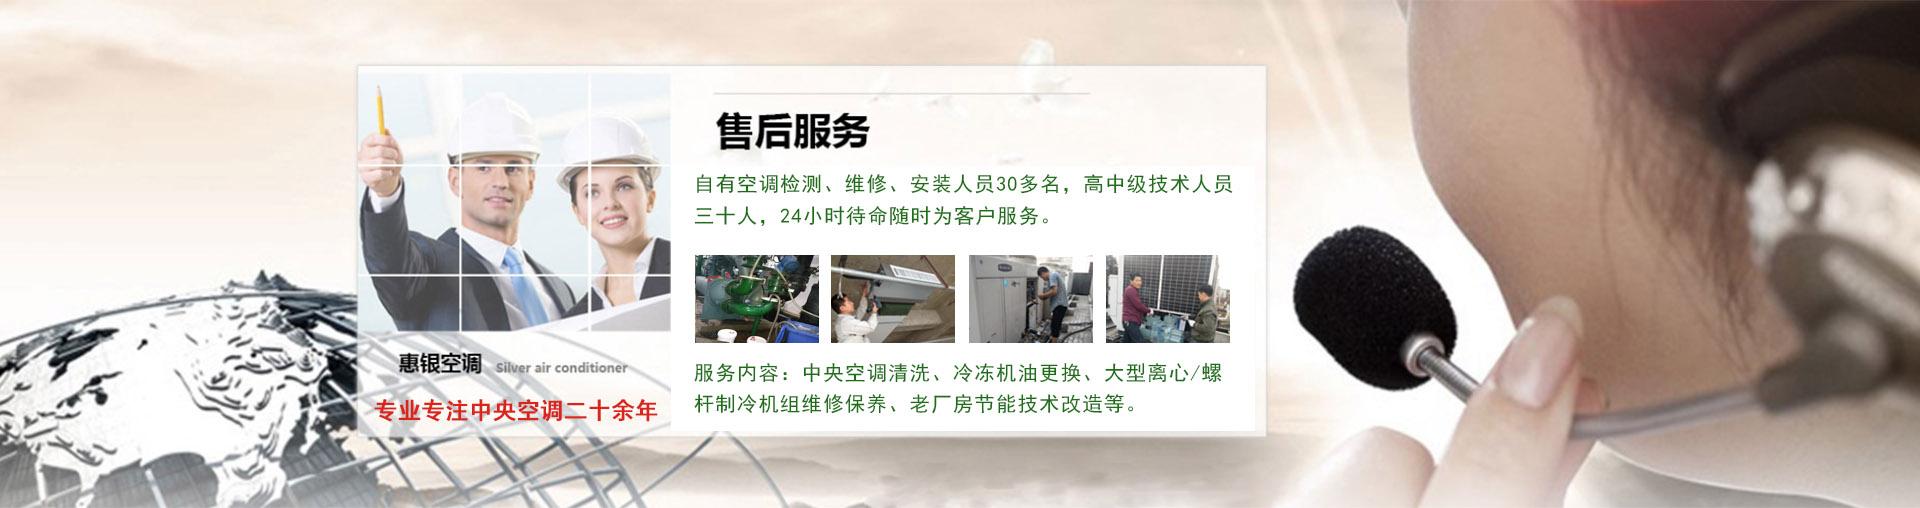 案例:郑州中央空调维修